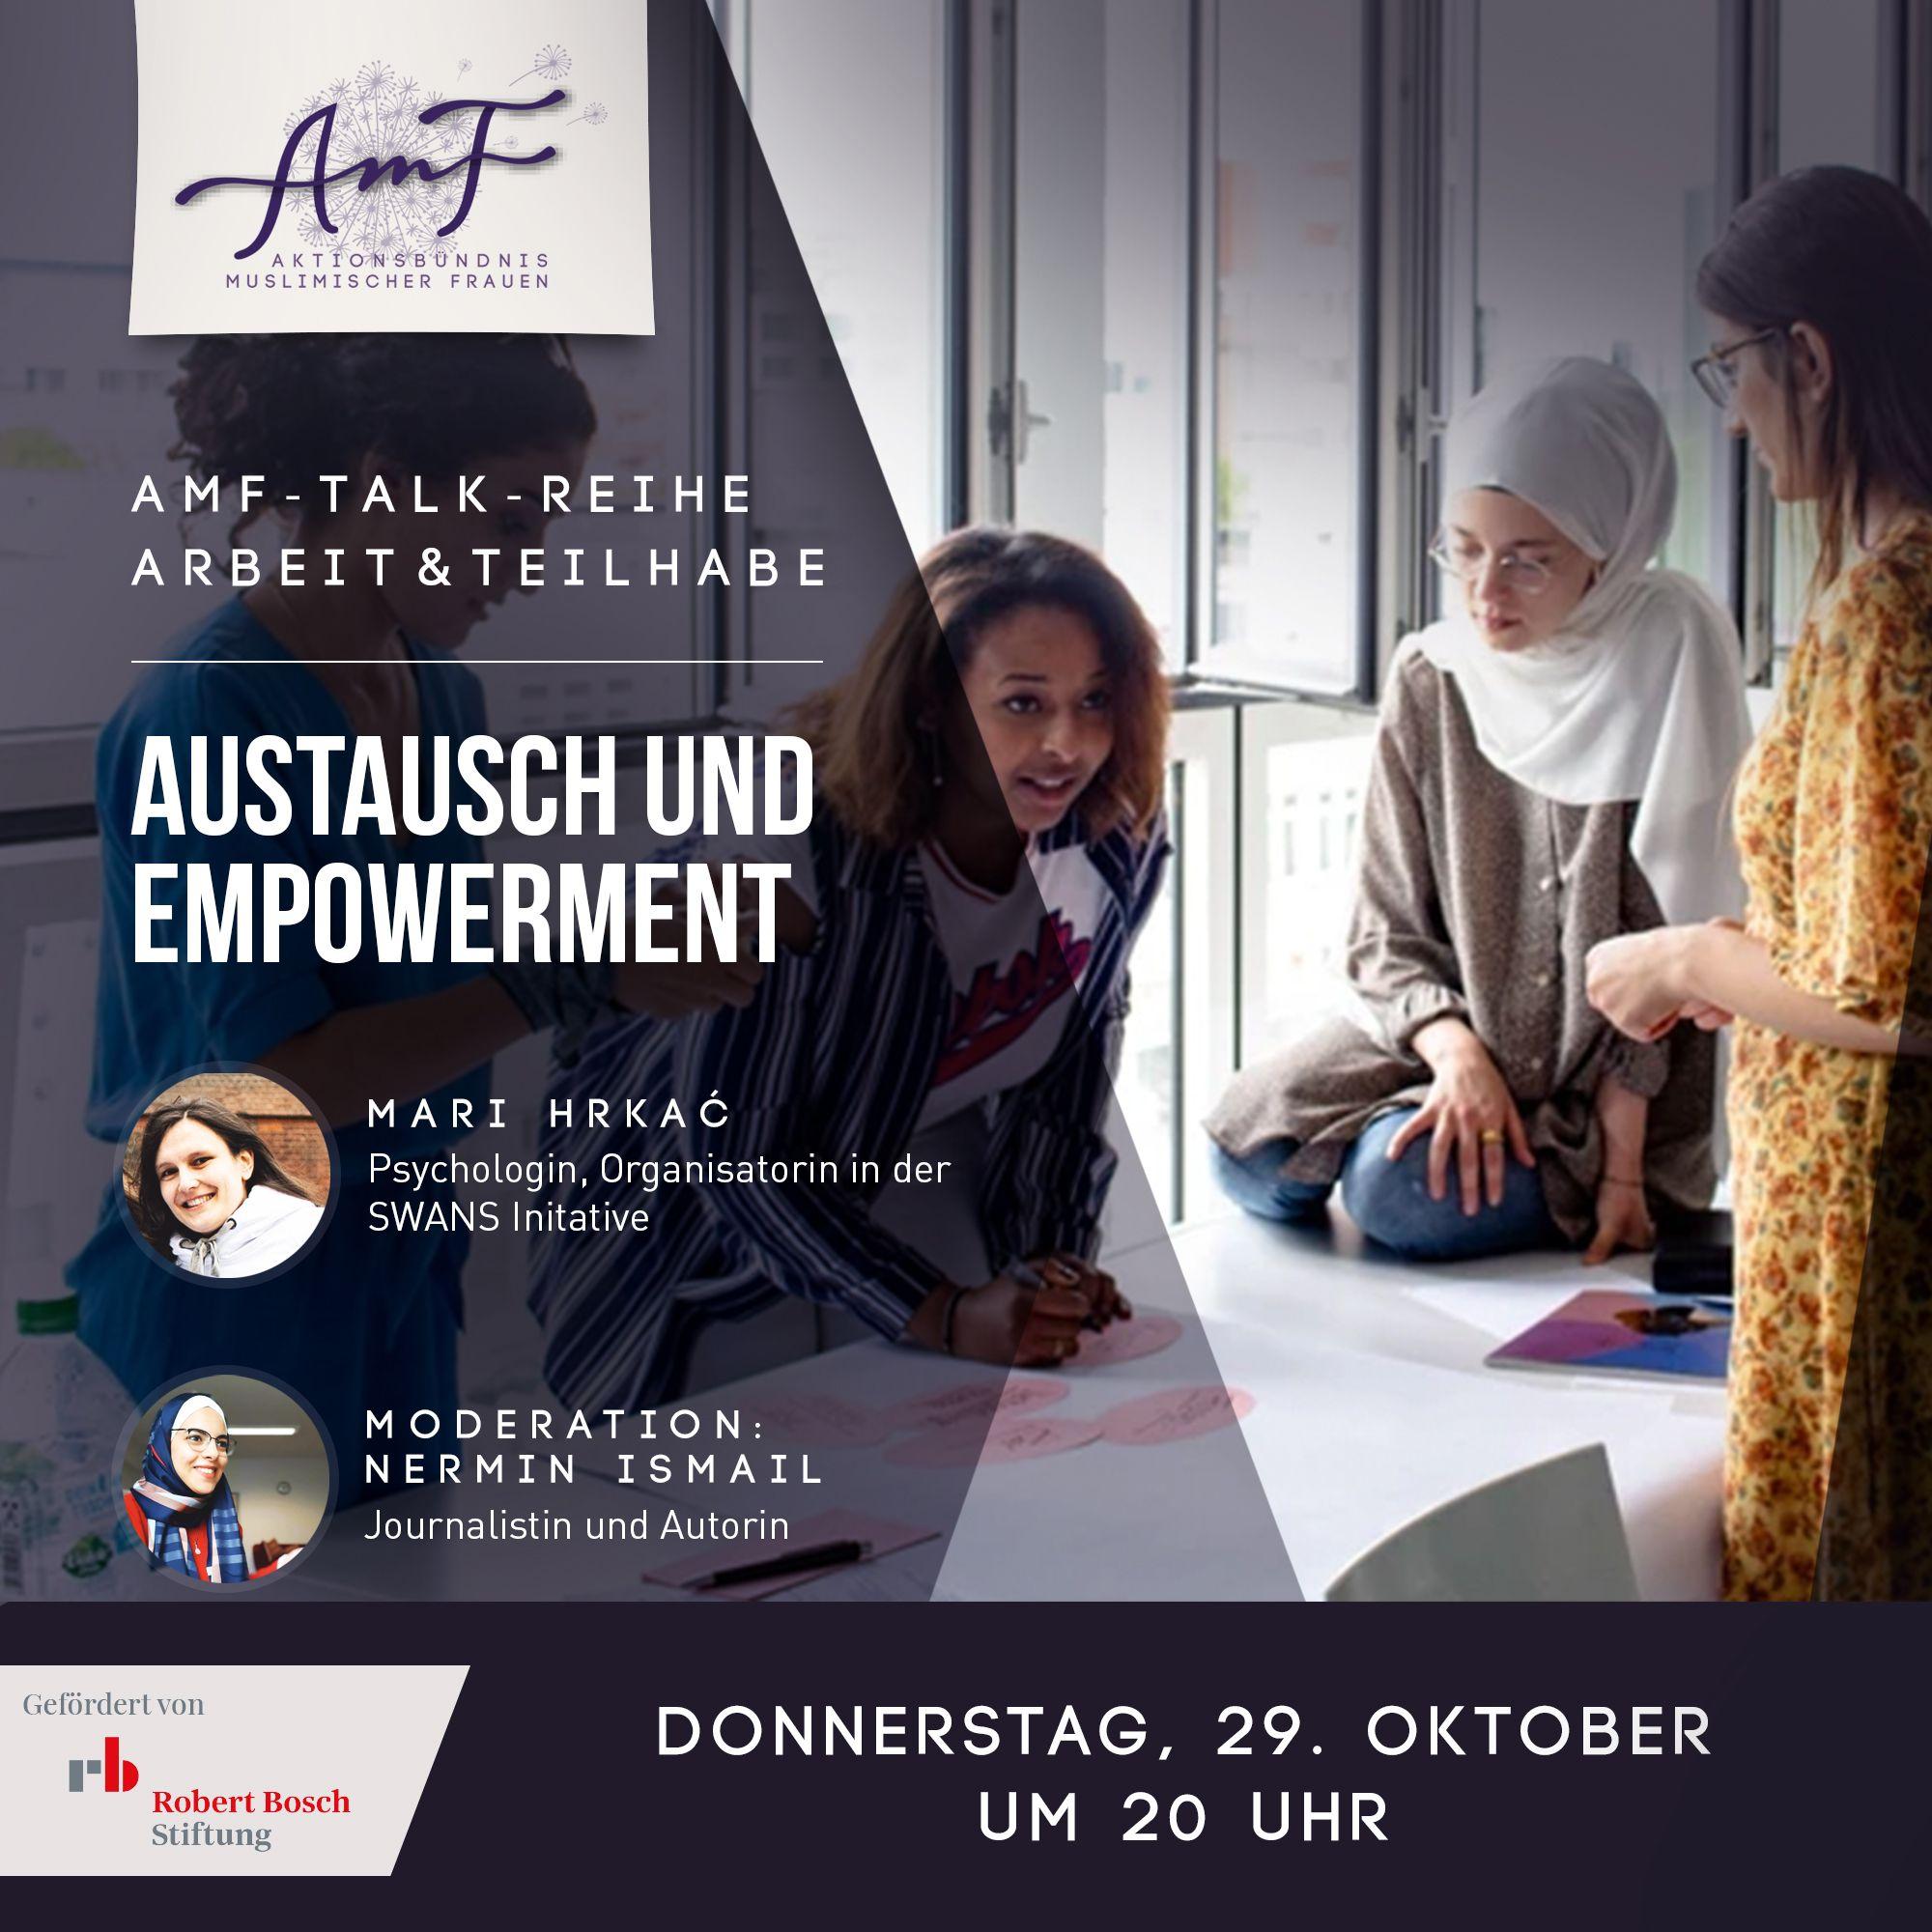 Arbeit und Teilhabe 3 – Austausch und Empowerment